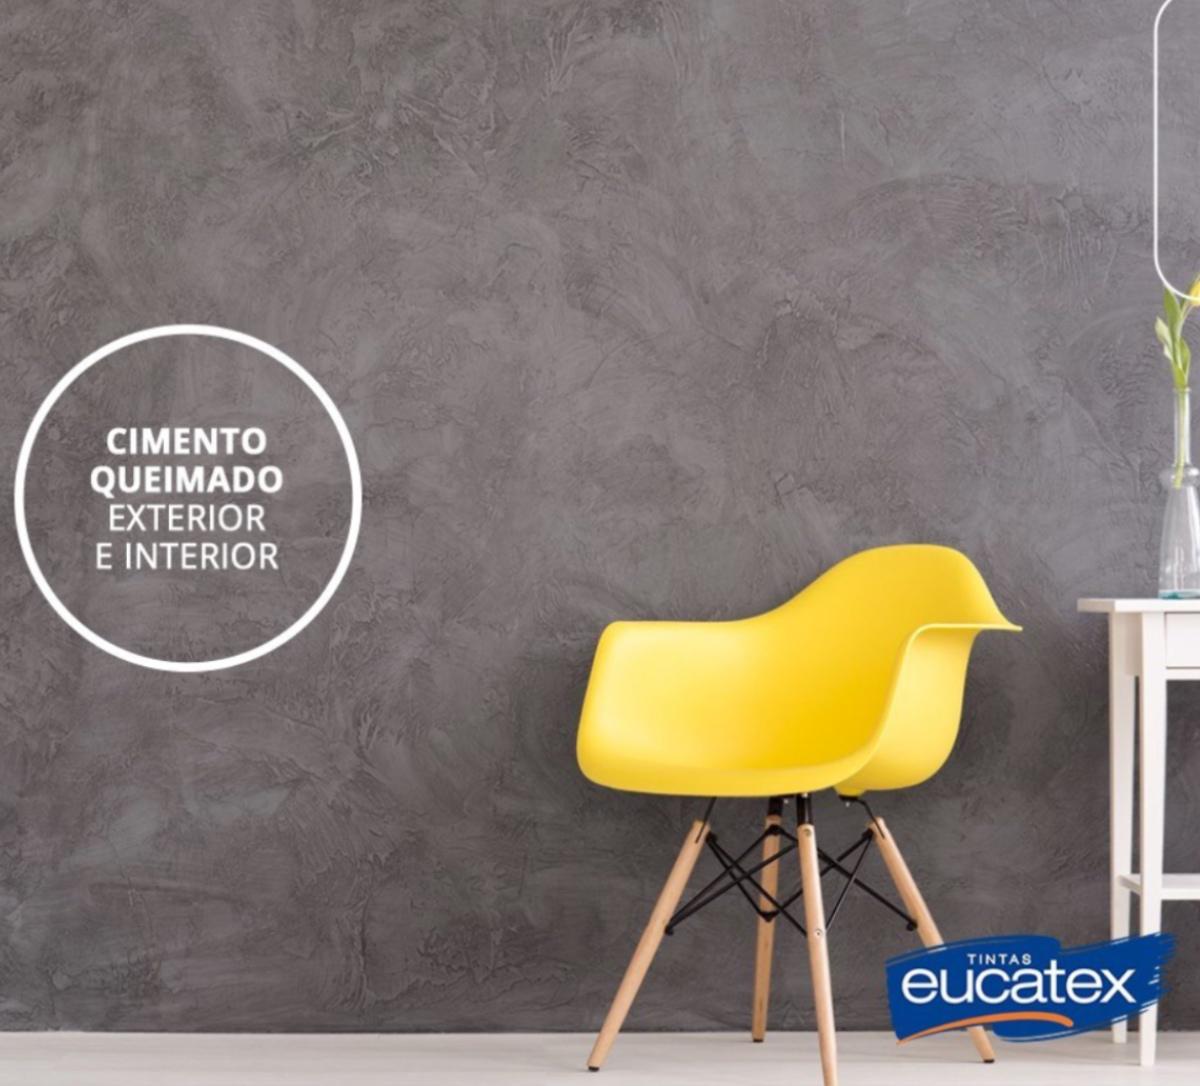 Efeito Cimento Queimado Efeitos Decorativos Eucatex 5kg